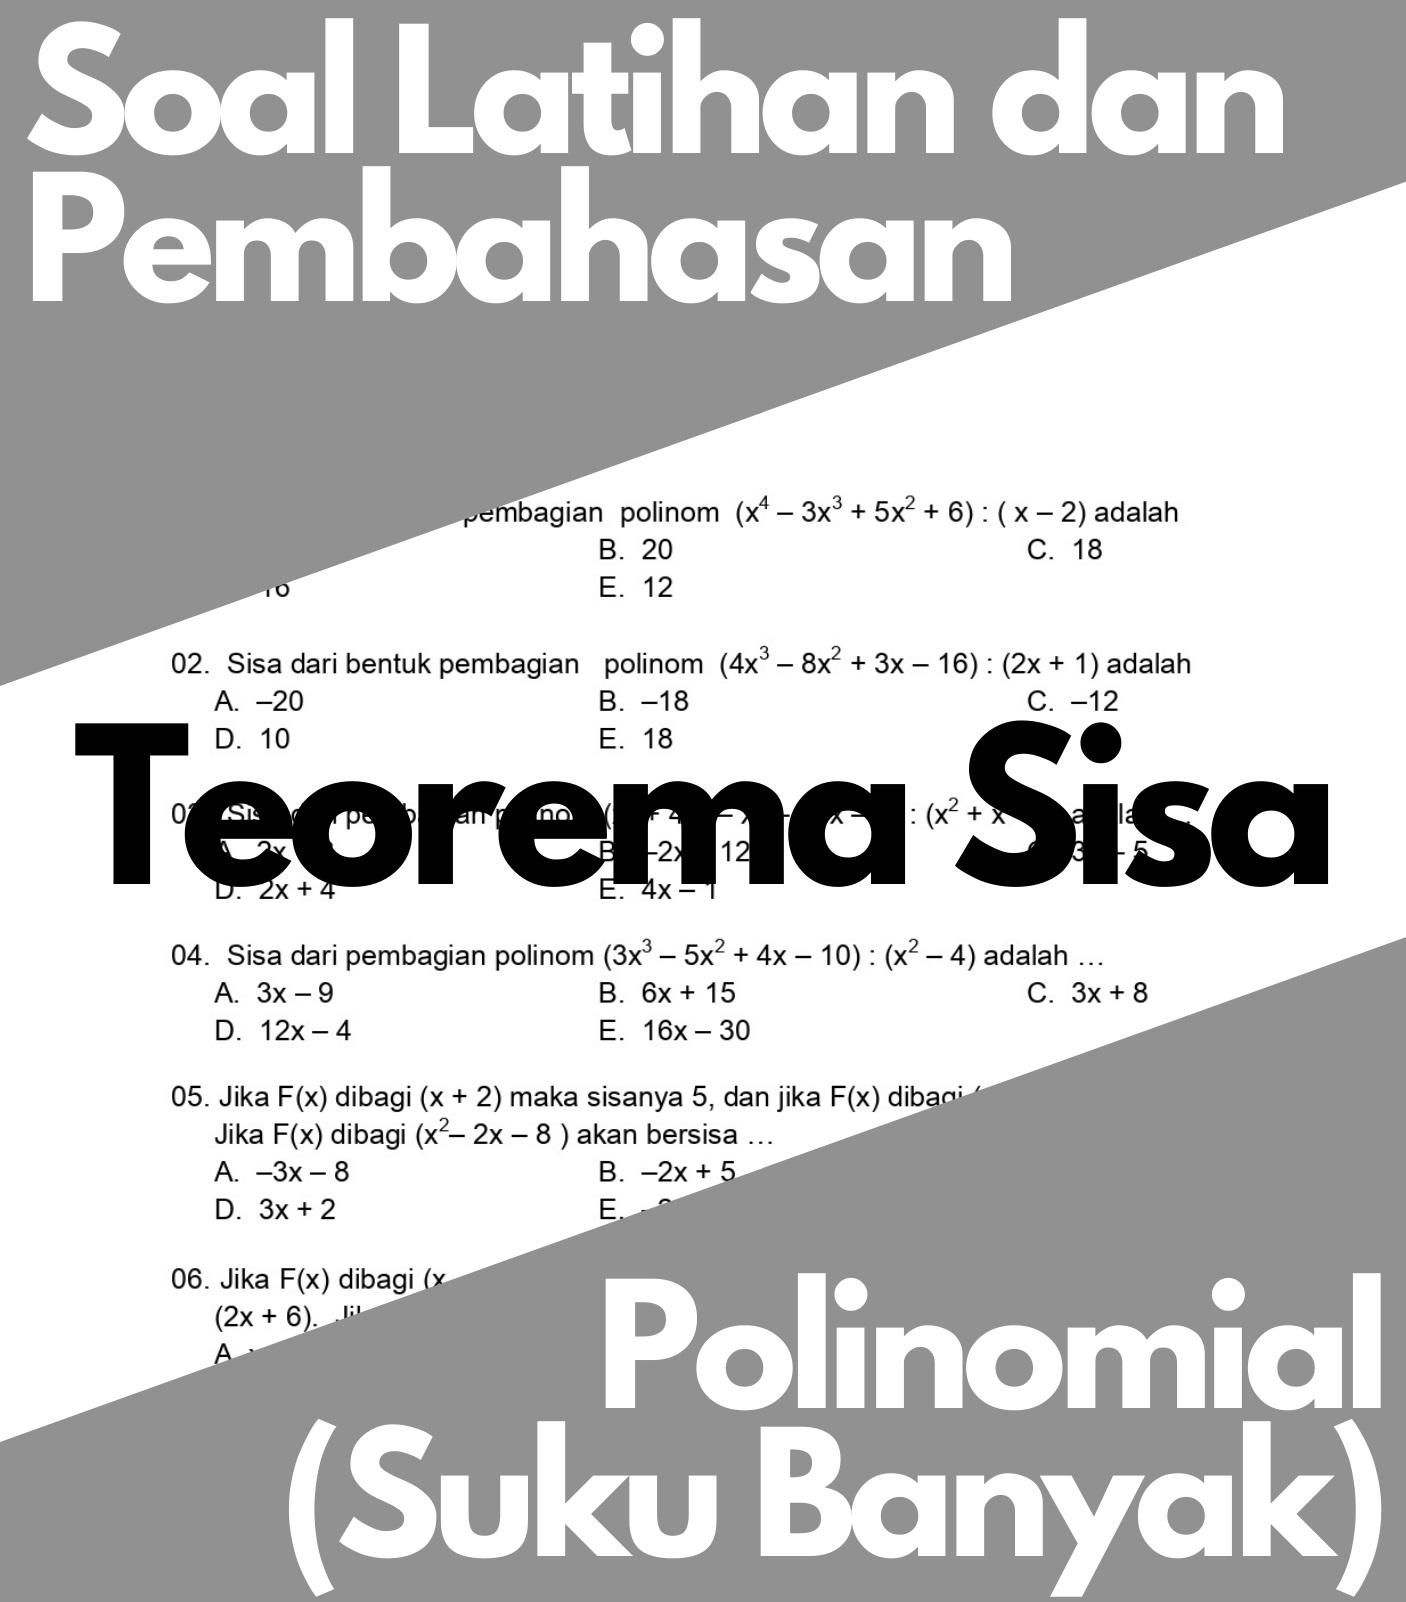 Matematika Dasar SMA: Soal Latihan dan Pembahasan Teorema Sisa Pada Suku Banyak (Polinomial)